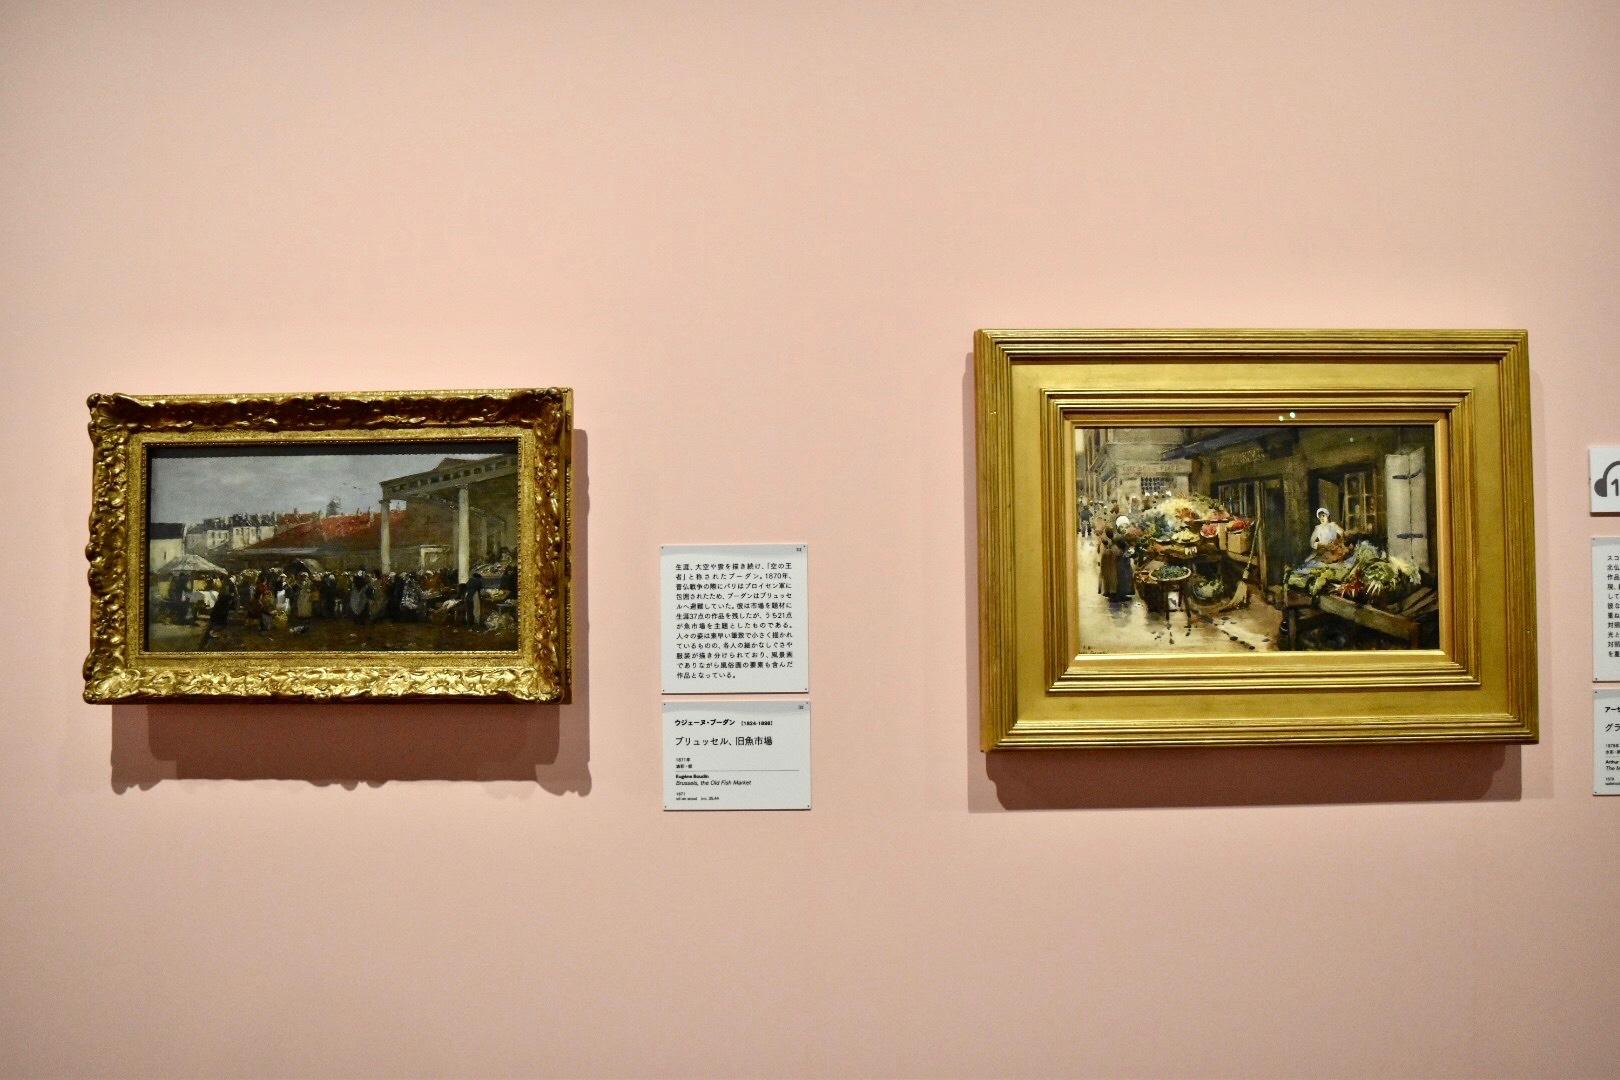 左:ウジェーヌ・ブーダン 《ブリュッセル、旧魚市場》 1871年 油彩、板 (C)CSG  CIC Glasgow Museums Collection  右:アーサー・メルヴィル 《グランヴィルの市場》 1878年 水彩・紙 (C)CSG CIC Glasgow Museums Collection